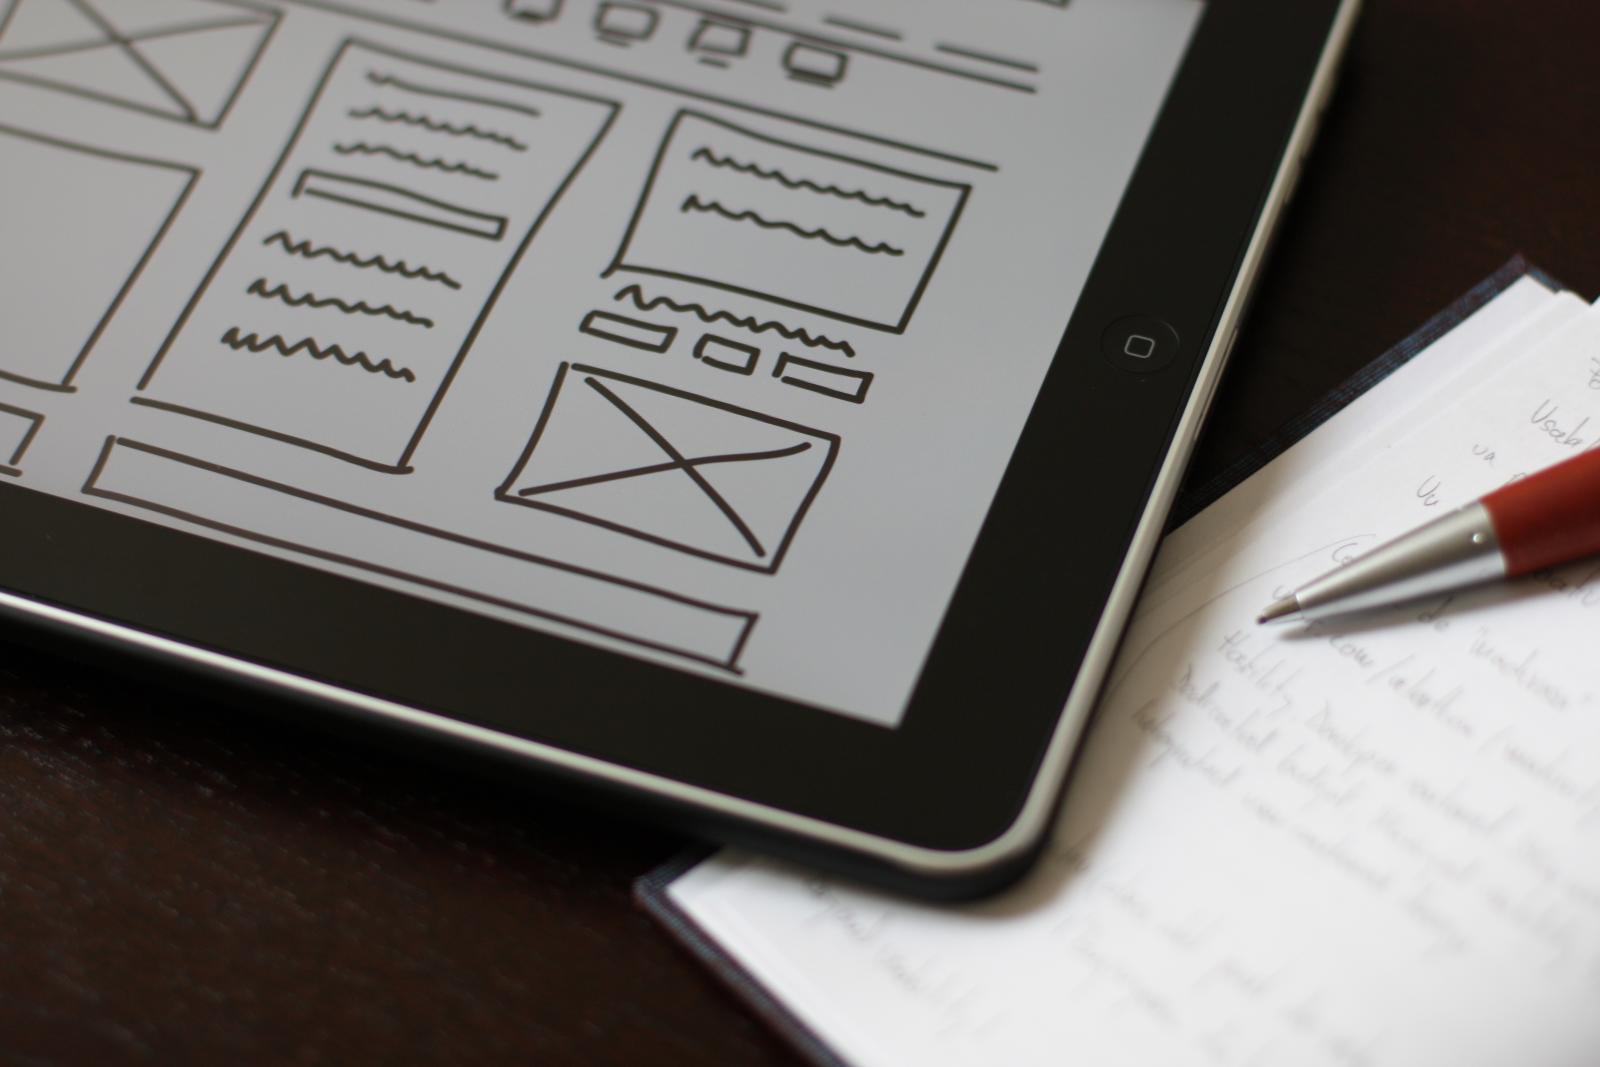 Литературный дайджест: 35 книг о дизайне интерфейсов и контент-маркетинге - 1